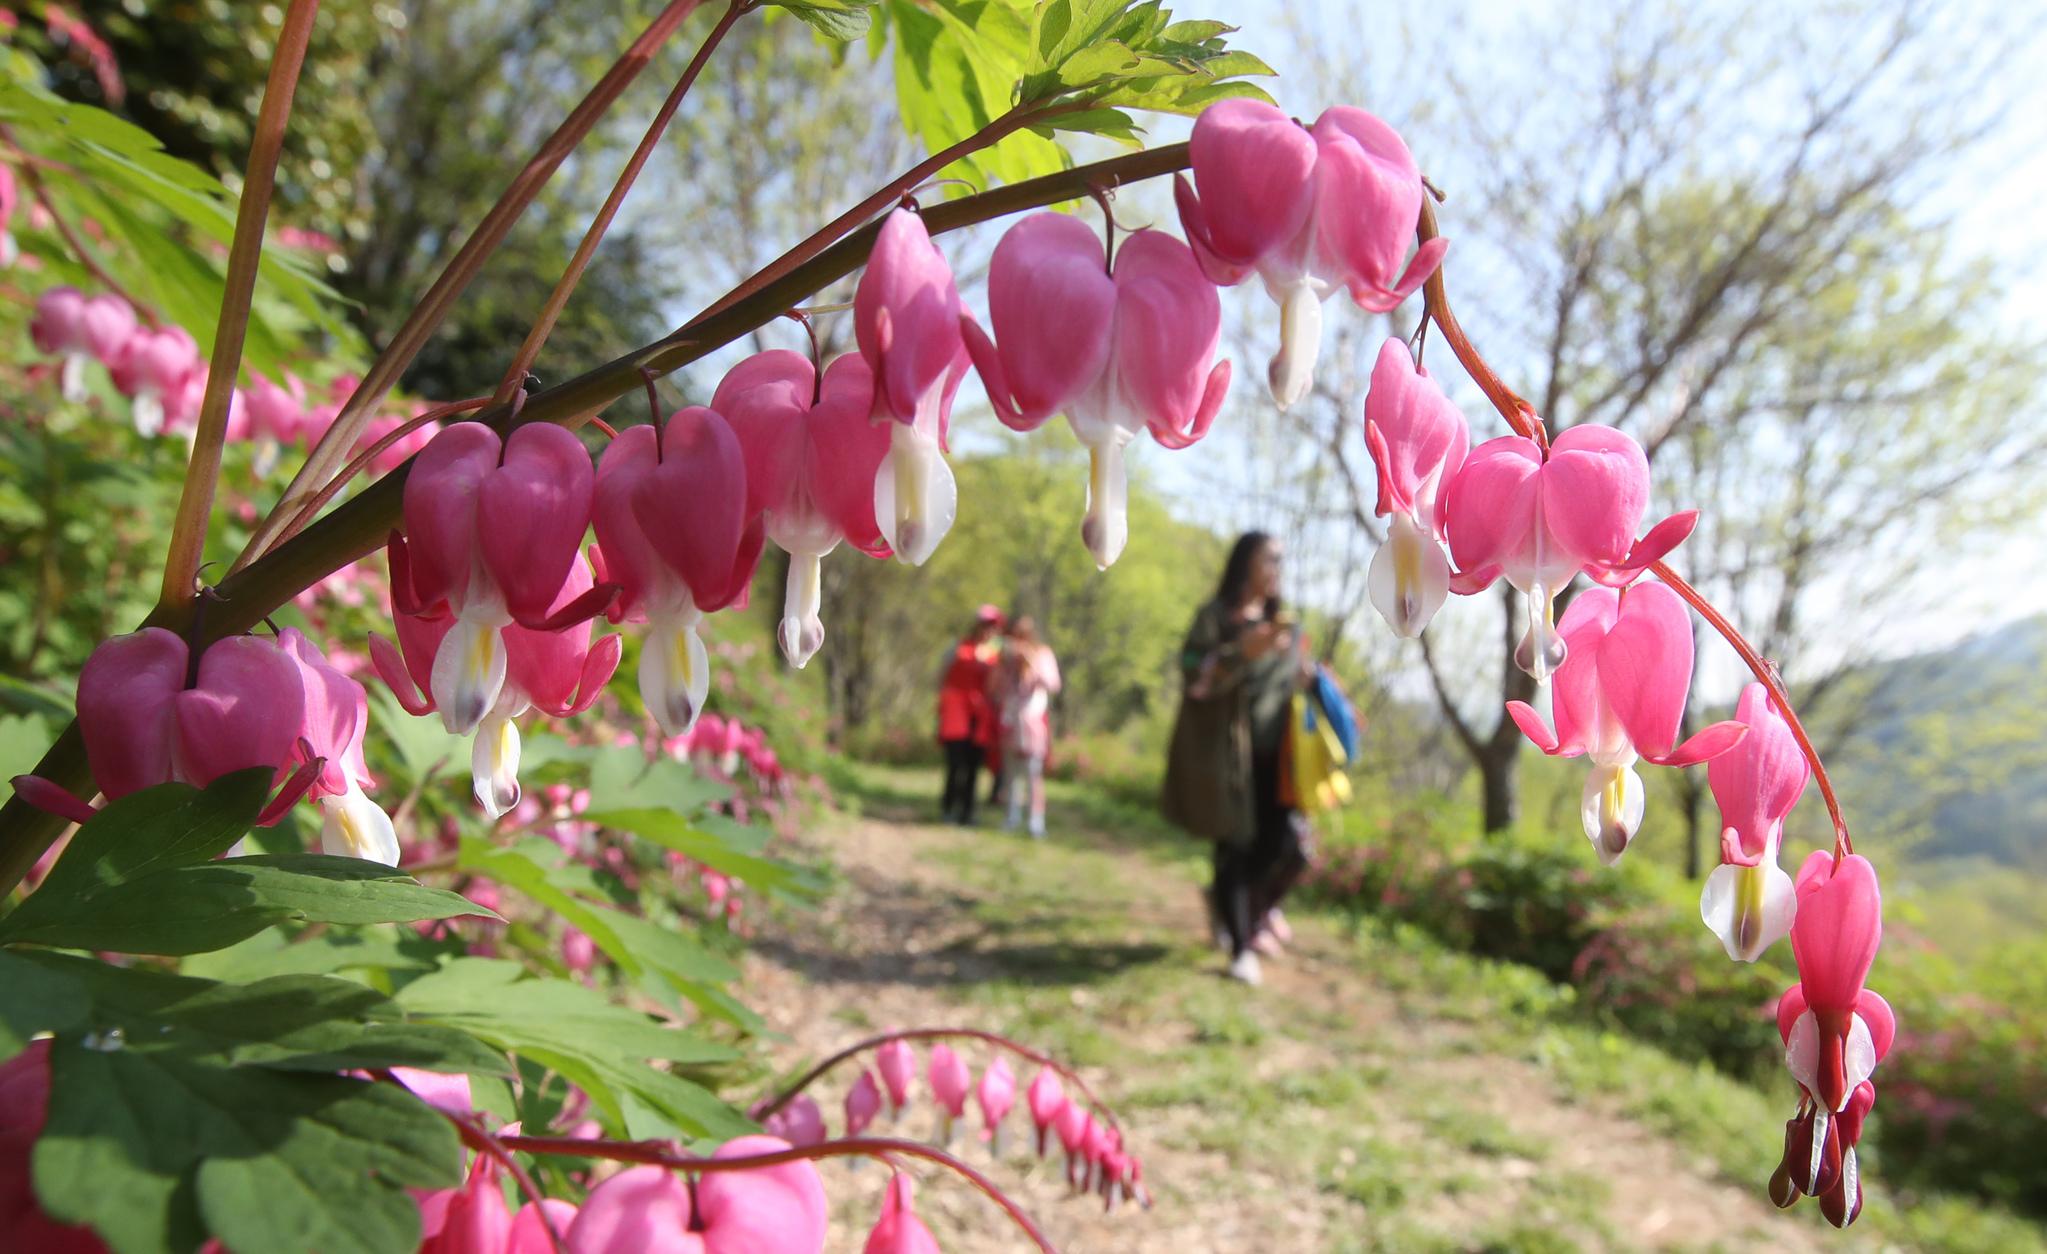 '제15회 서운암 들꽃축제가 23일 경남 양산시 통도사 서운암에서 열리고 있다. 사진 속 꽃은 금낭화. 송봉근 기자